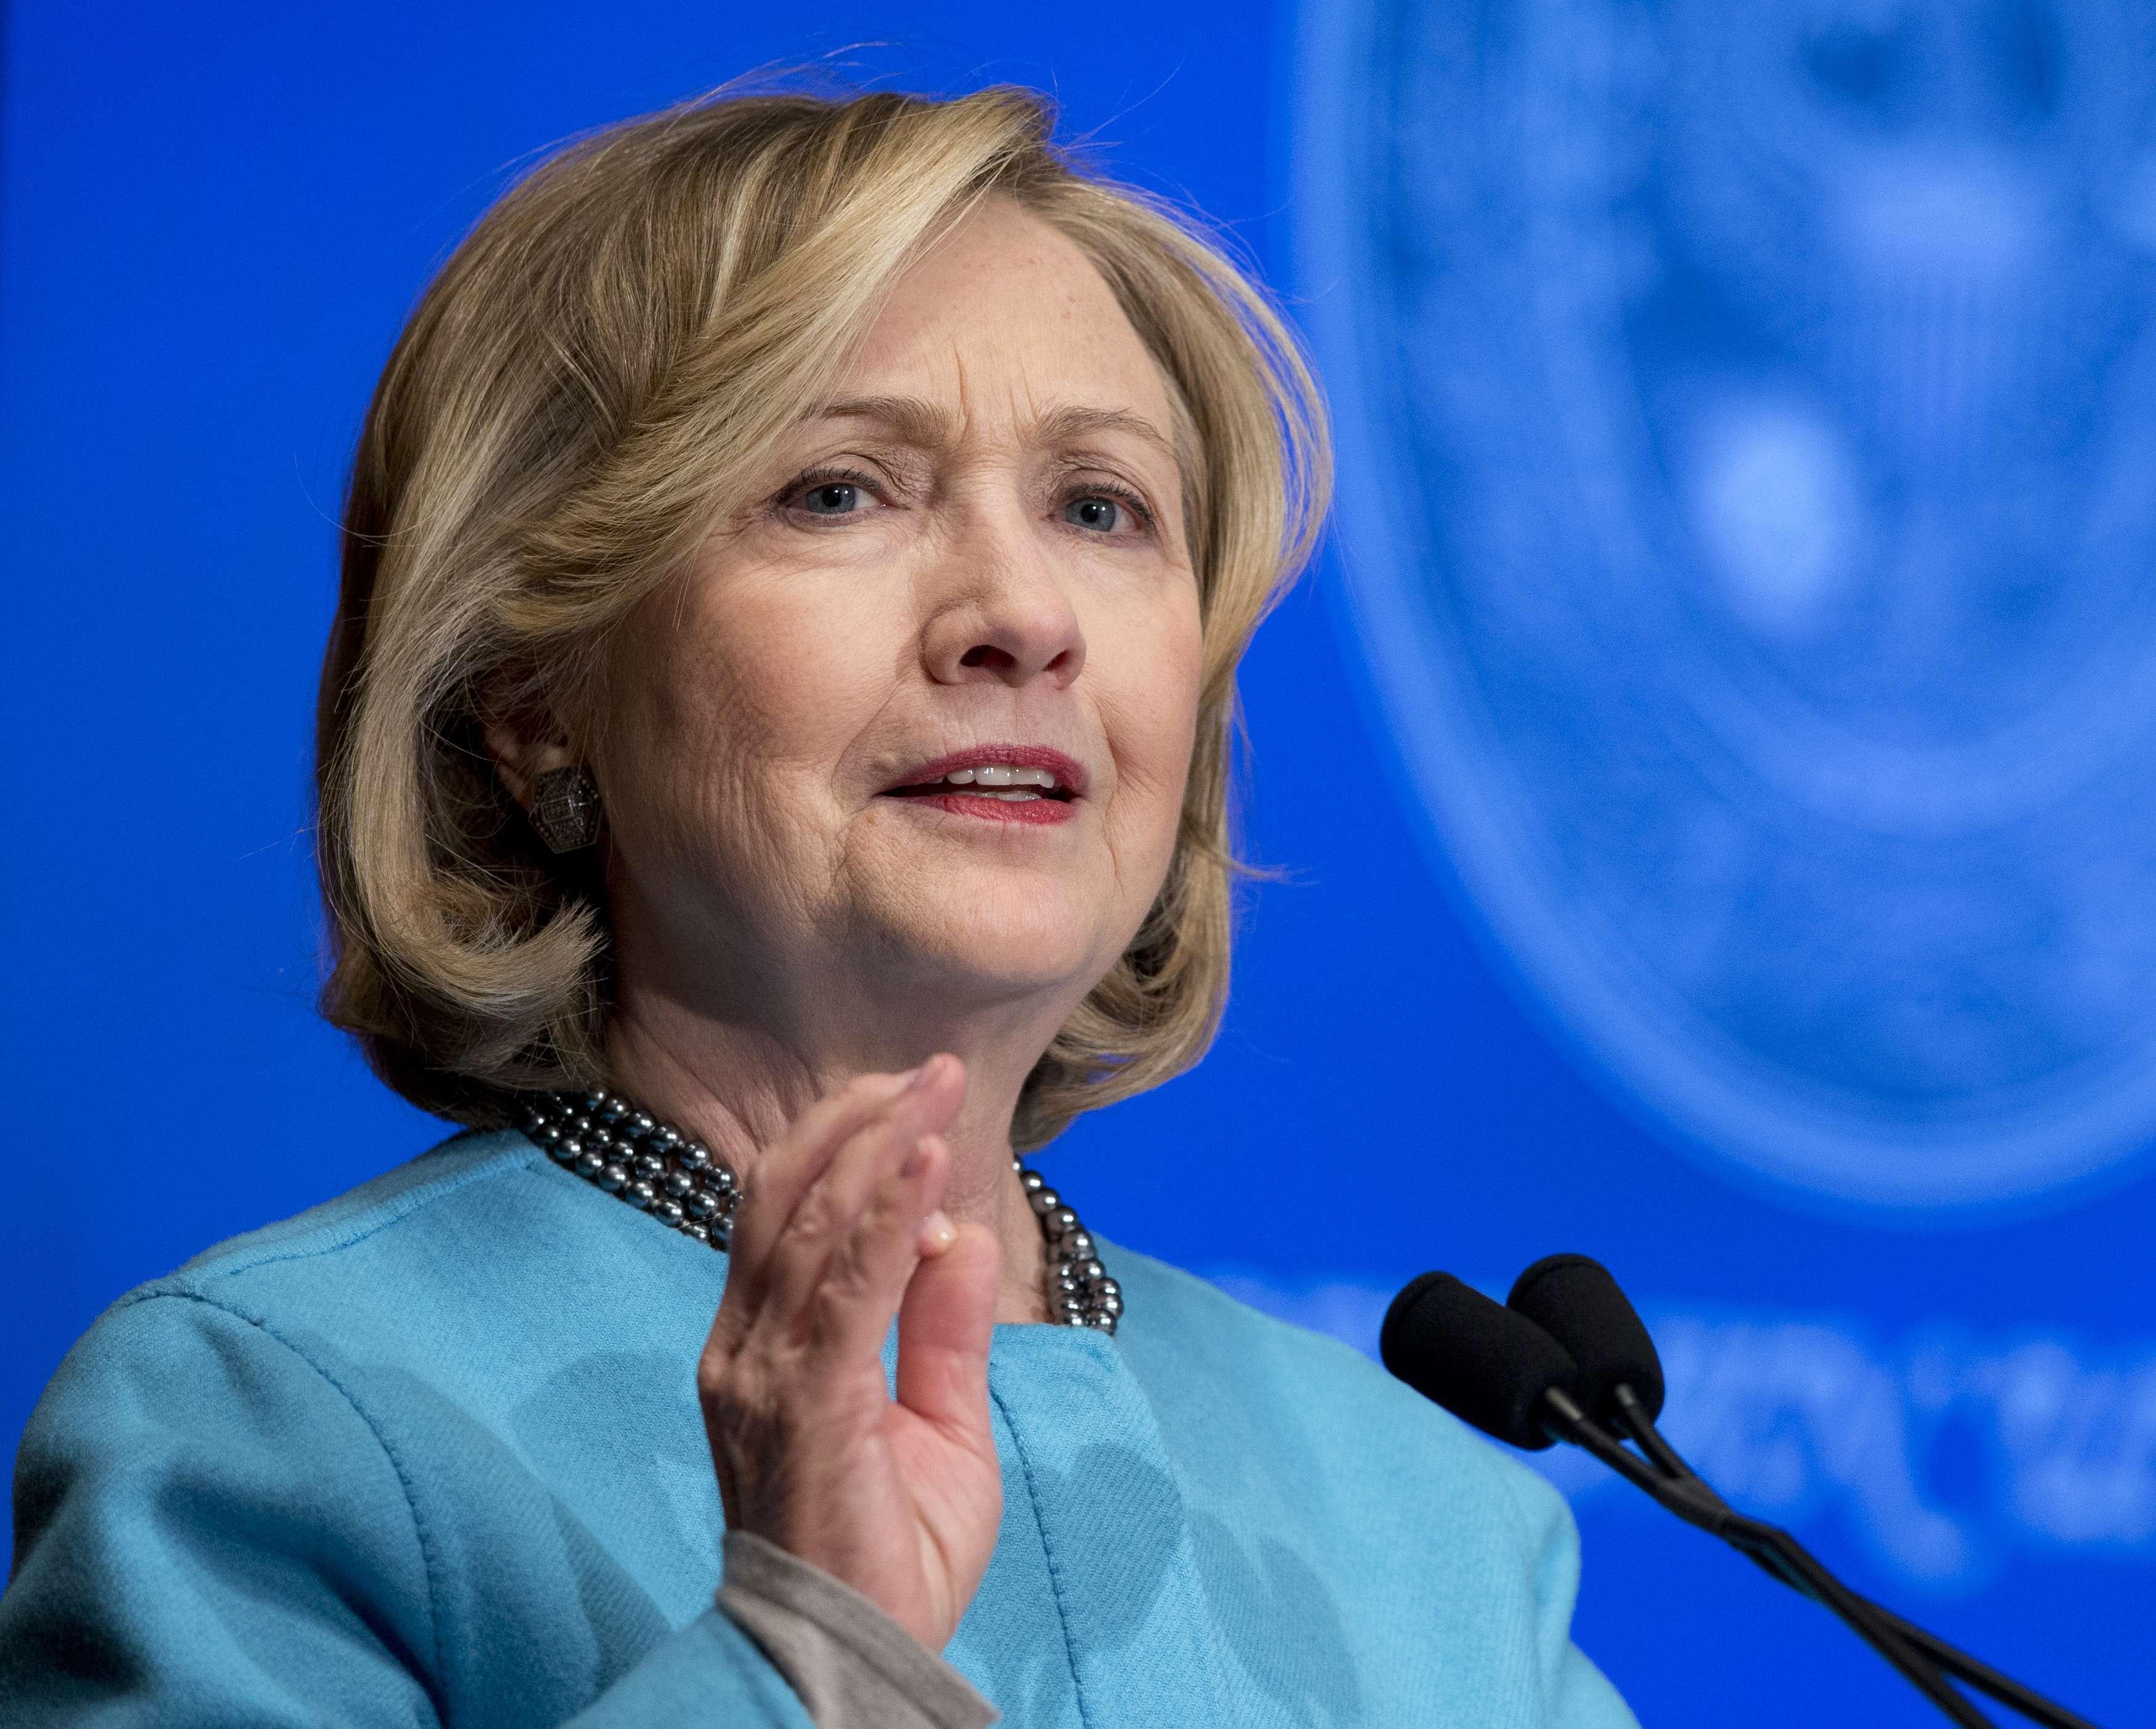 La ex secretaria de Estado Hillary R. Clinton en la Universidad de Georgetown, Washington, en foto de archivo del 3 de diciembre del 2014. Foto: AP en español